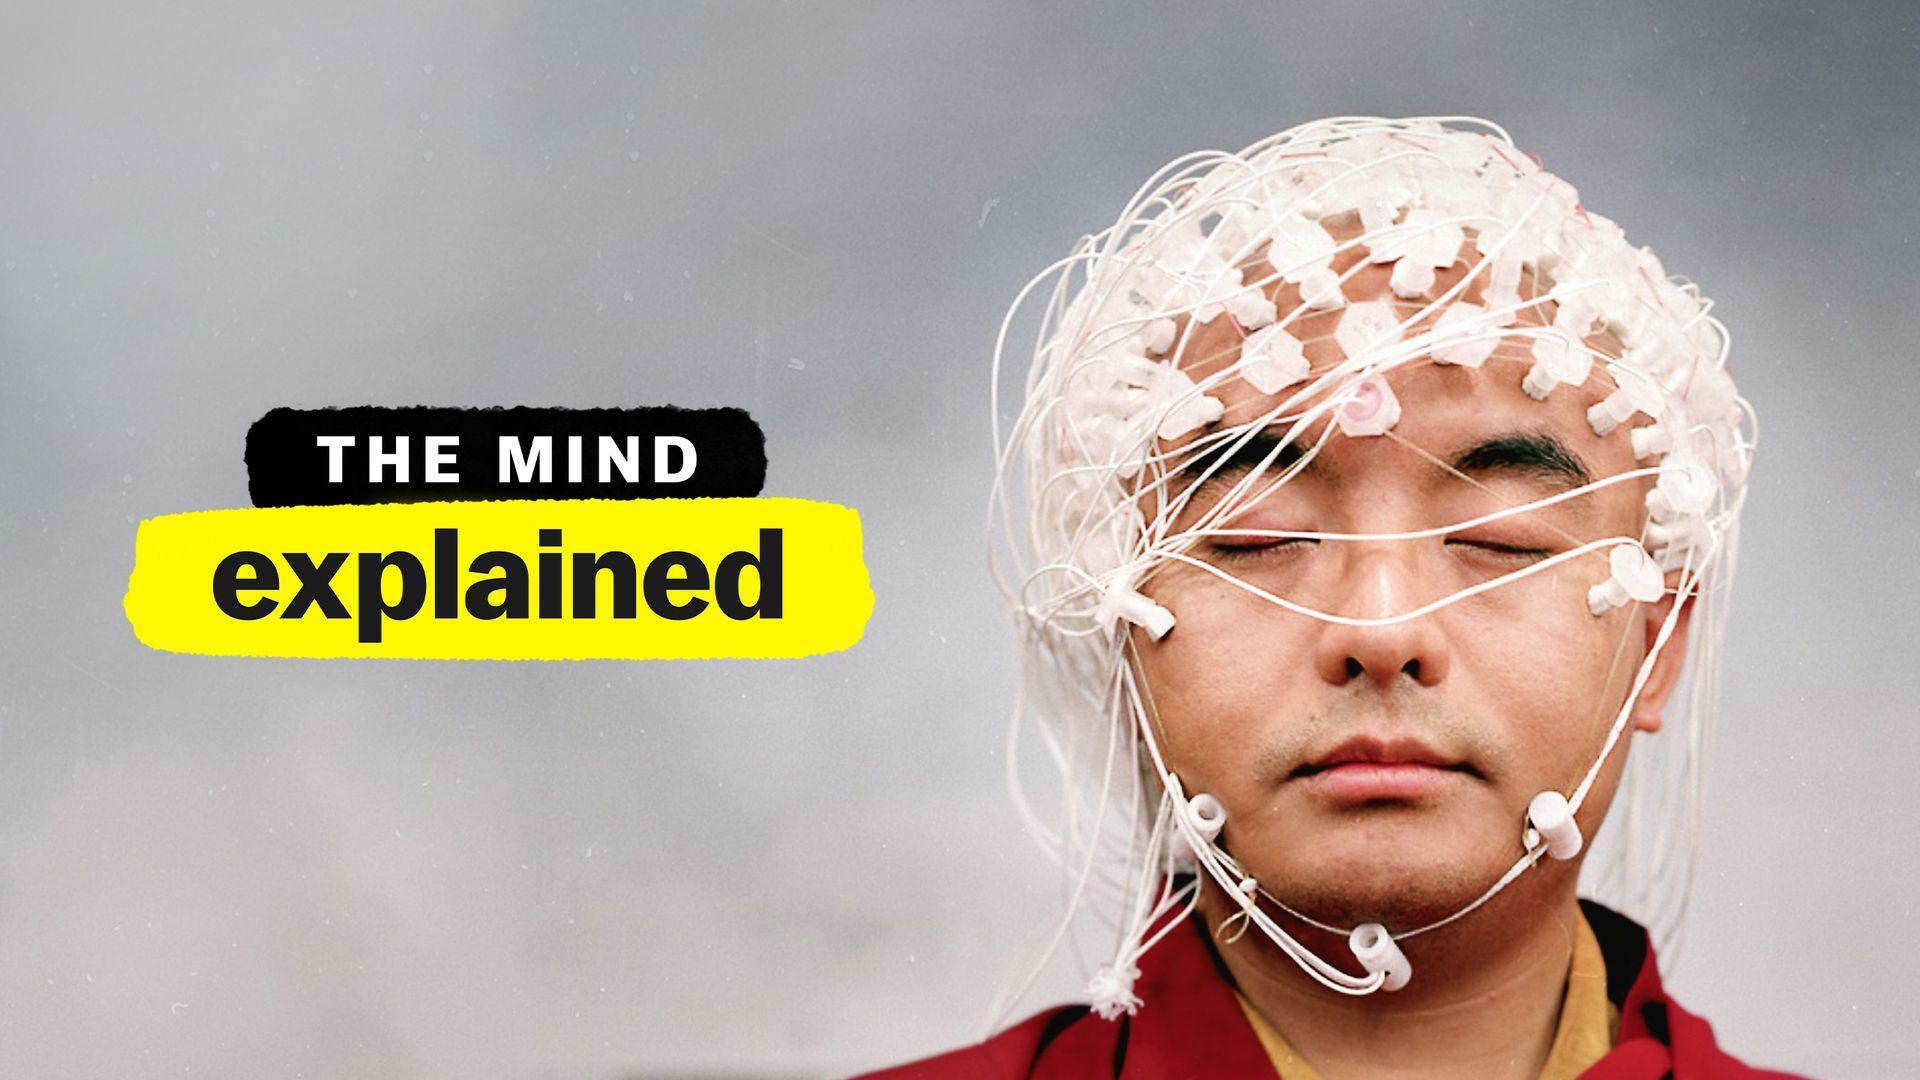 La mente en pocas palaras